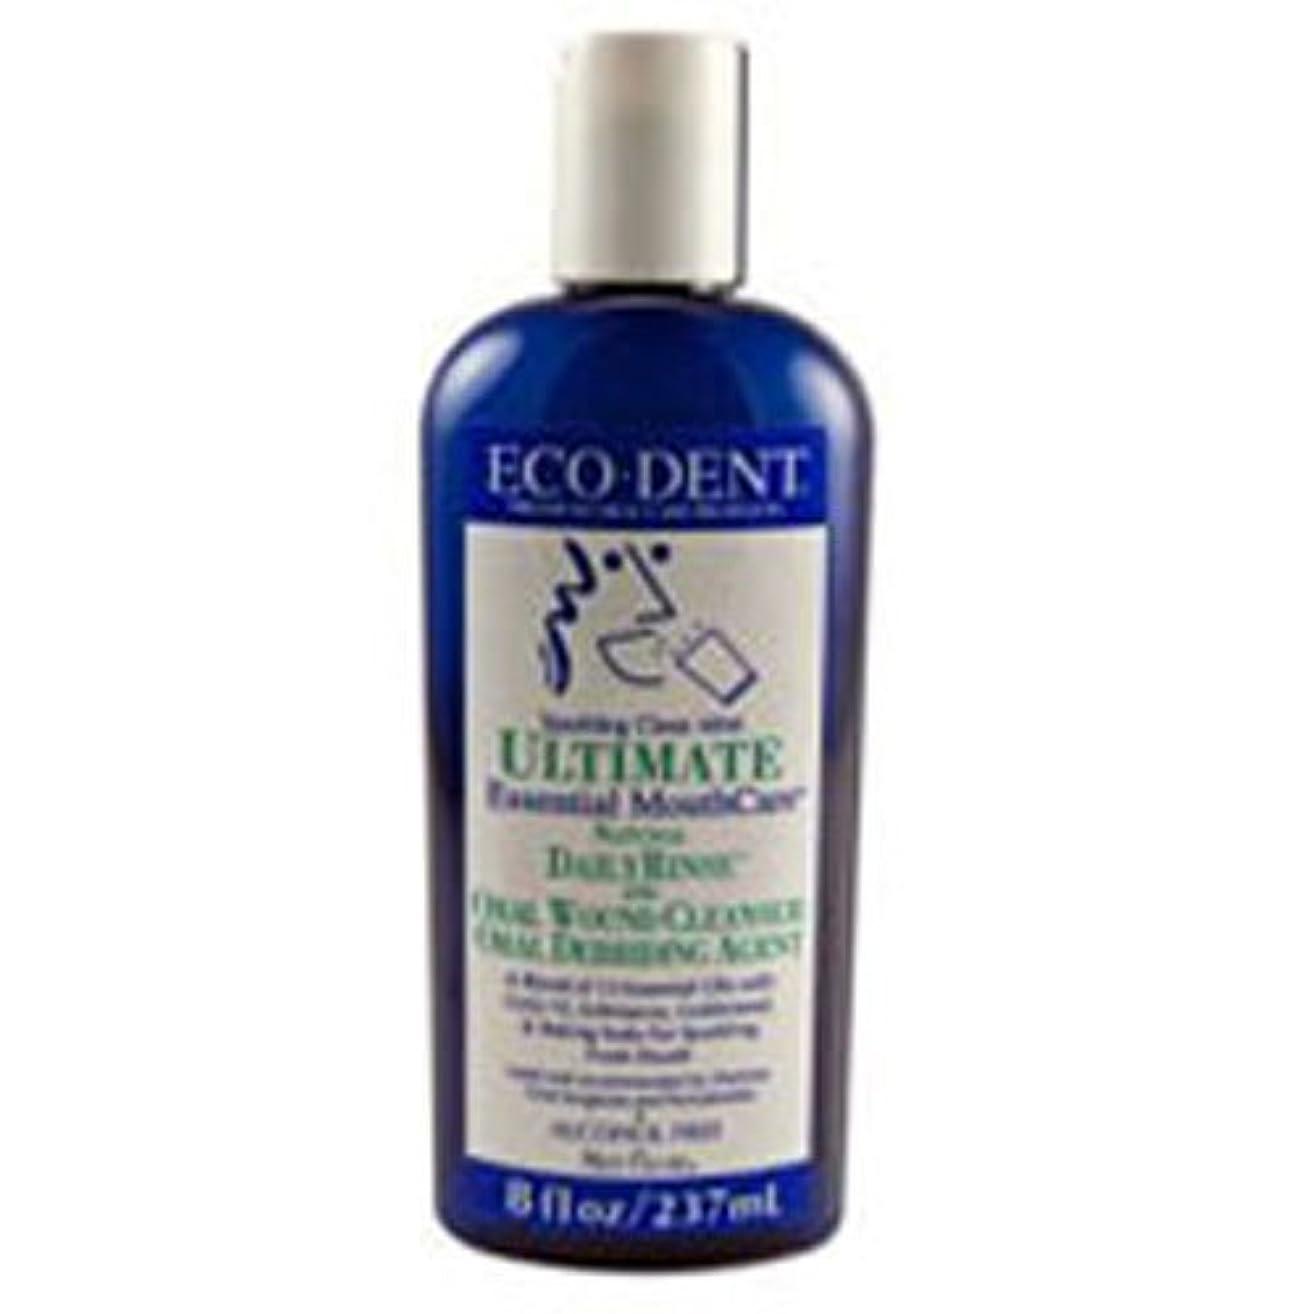 ジョガースペクトラムリンケージEco-Dent International - Ultimate Natural Dailyrinse Clean Mint, 8 fl oz liquid by Eco-Dent